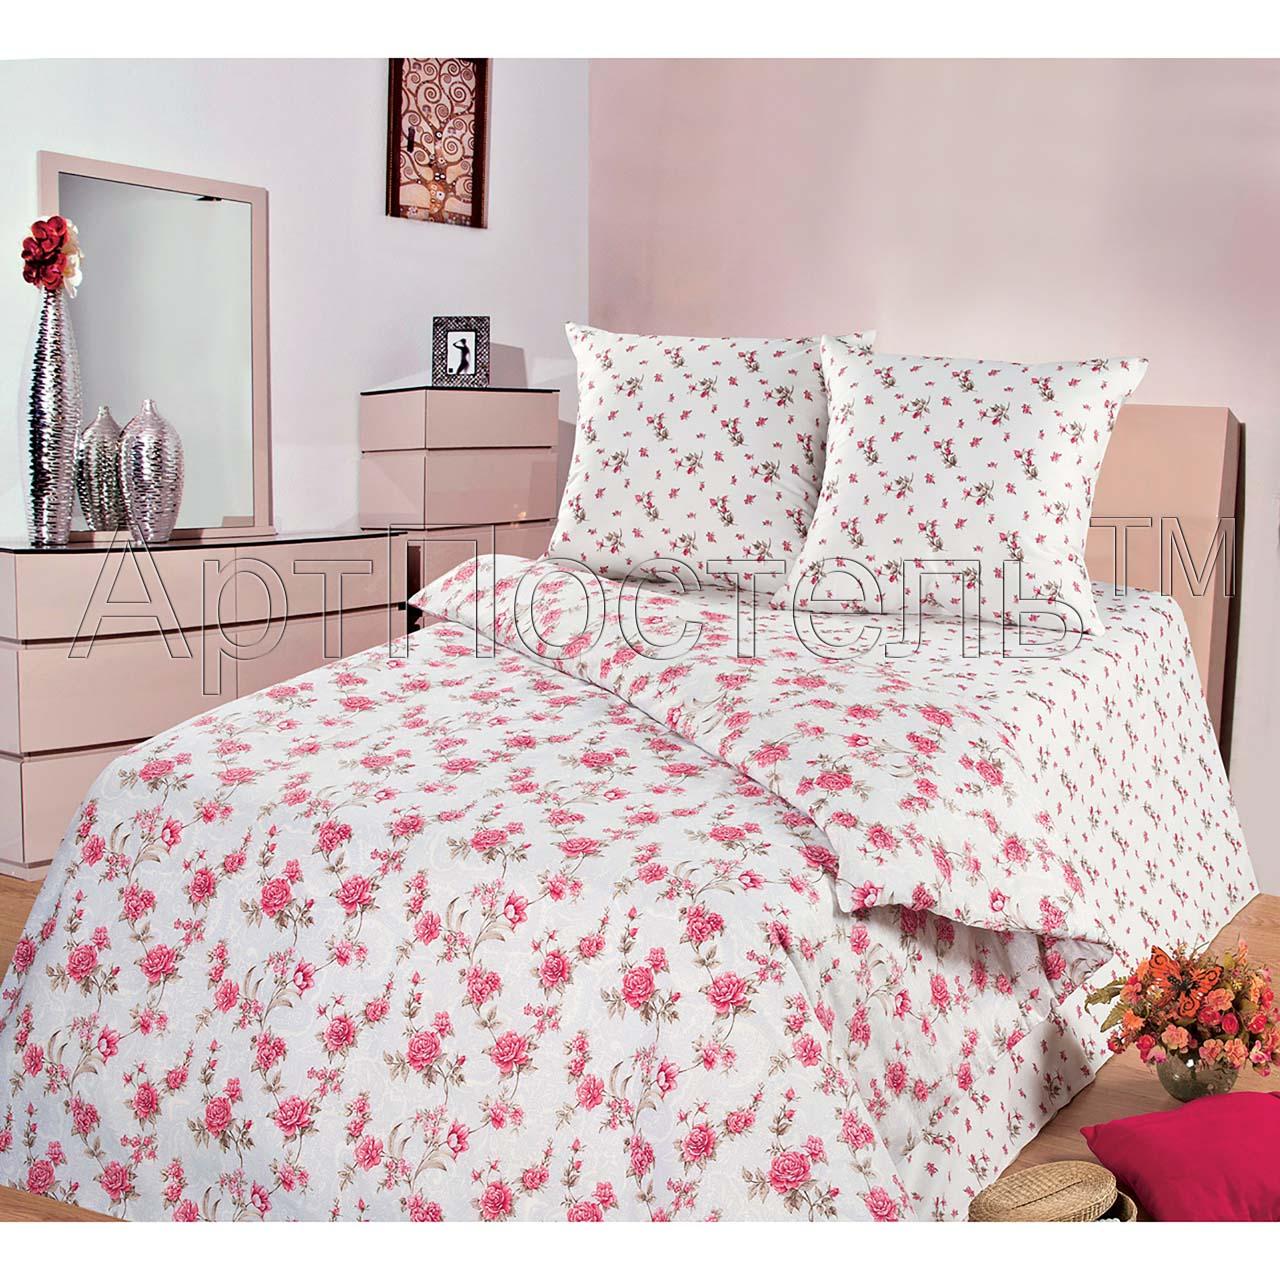 КПБ  Патриция , размер 2,0-спальный с европростыней - Постельное белье артикул: 8953